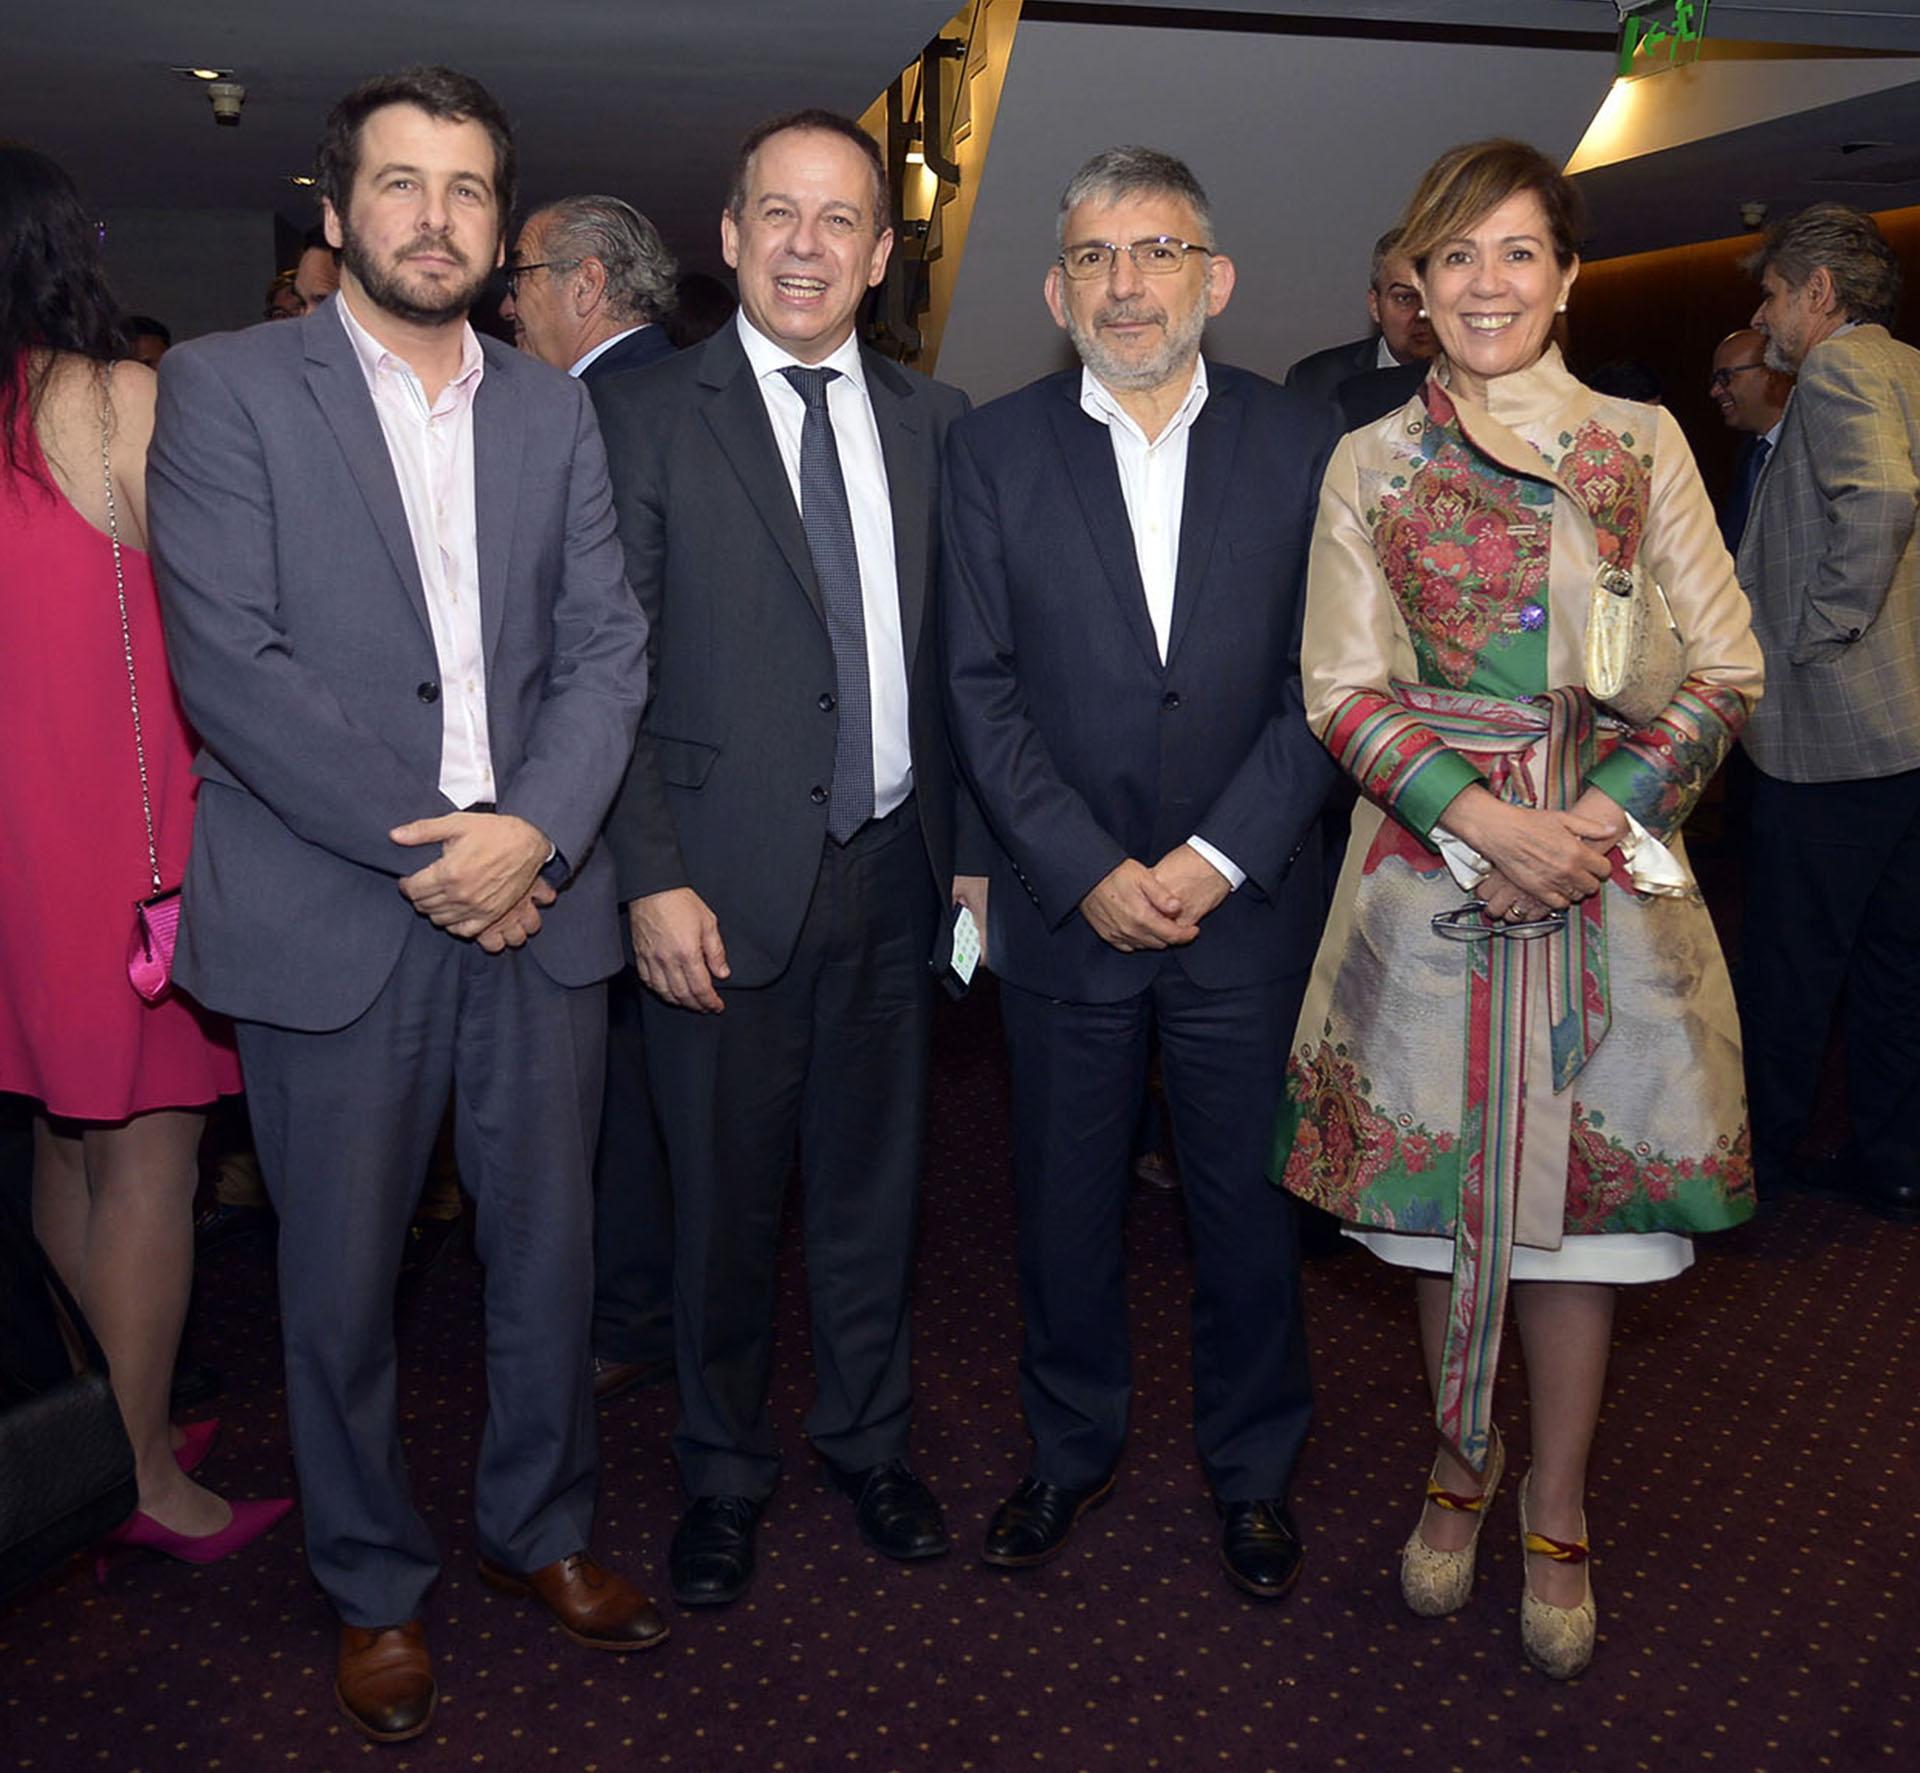 El gerente de Comunicación de Pan American Energy (PAE), Martín Ancarola; Martín Etchevers; el secretario de Comunicación Pública de la Nación, Jorge Grecco